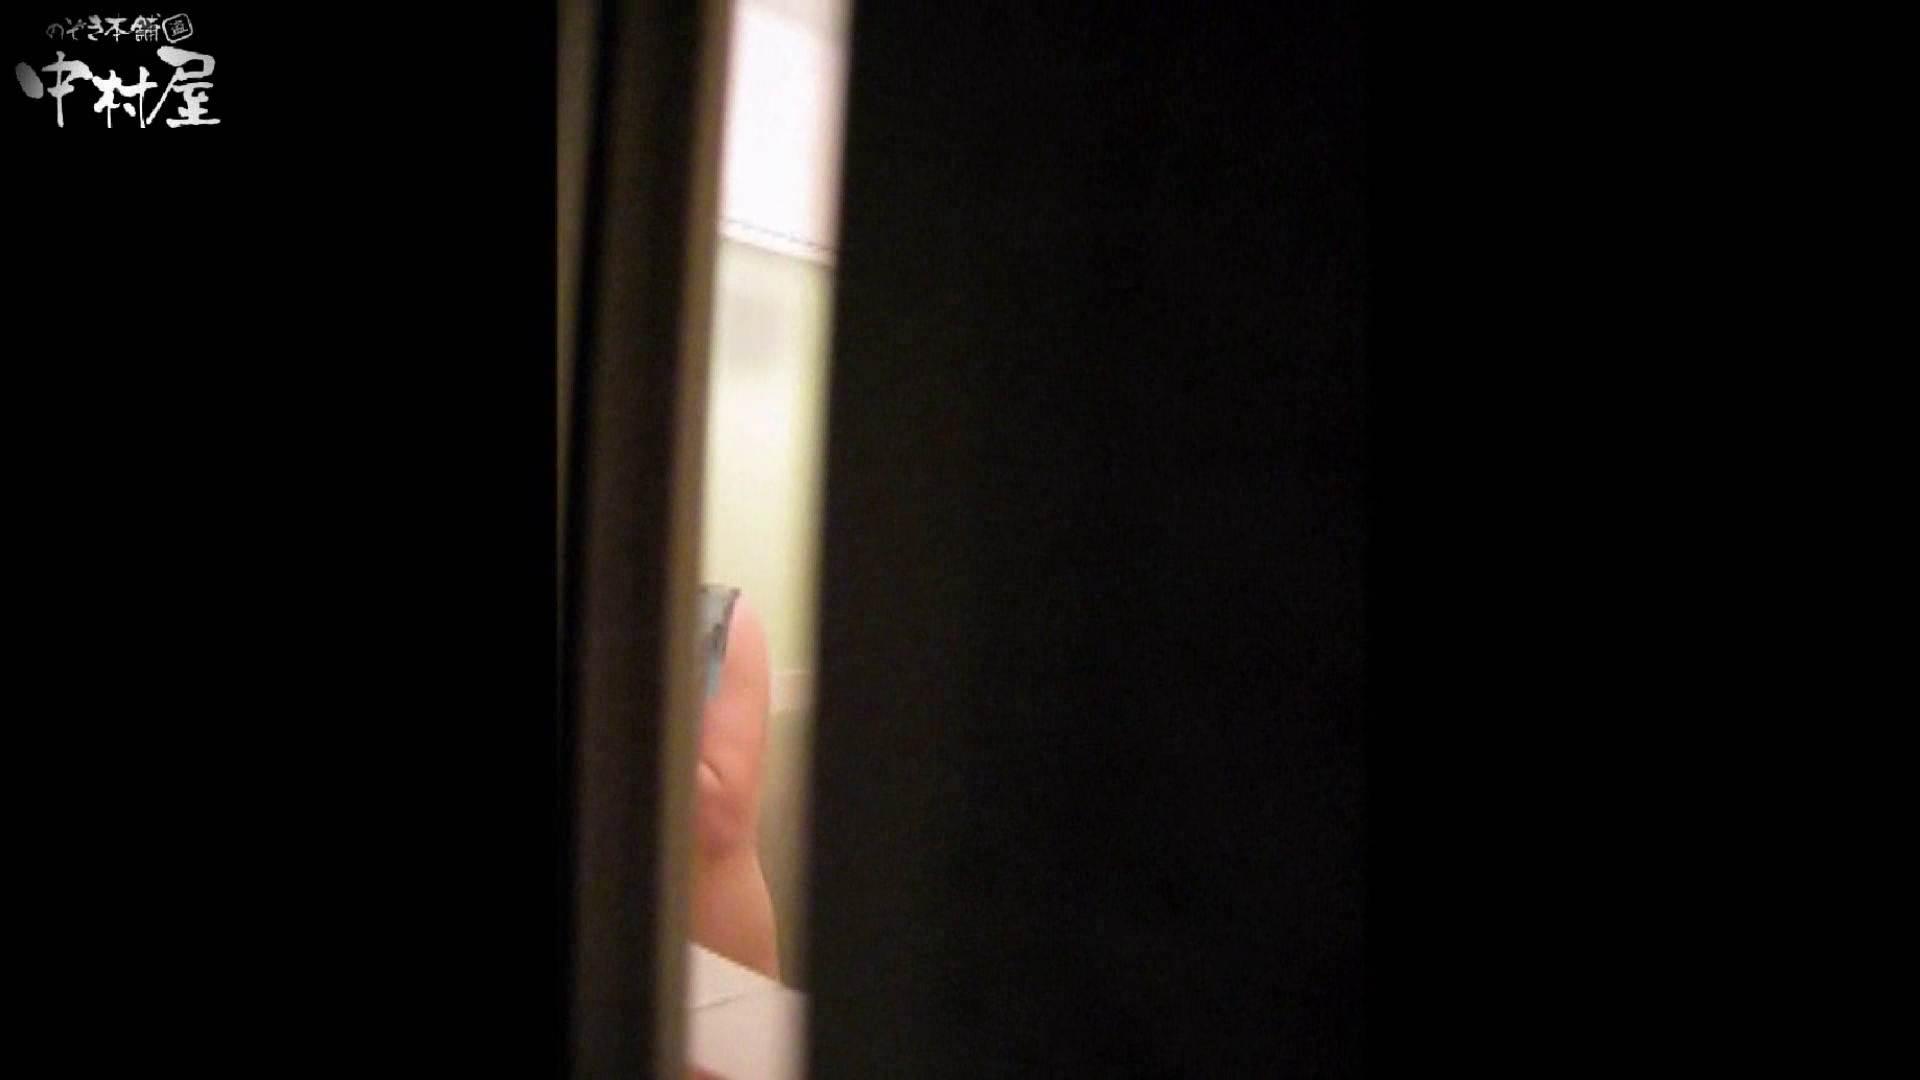 民家風呂専門盗撮師の超危険映像 vol.015 盗撮 ワレメ動画紹介 107連発 105